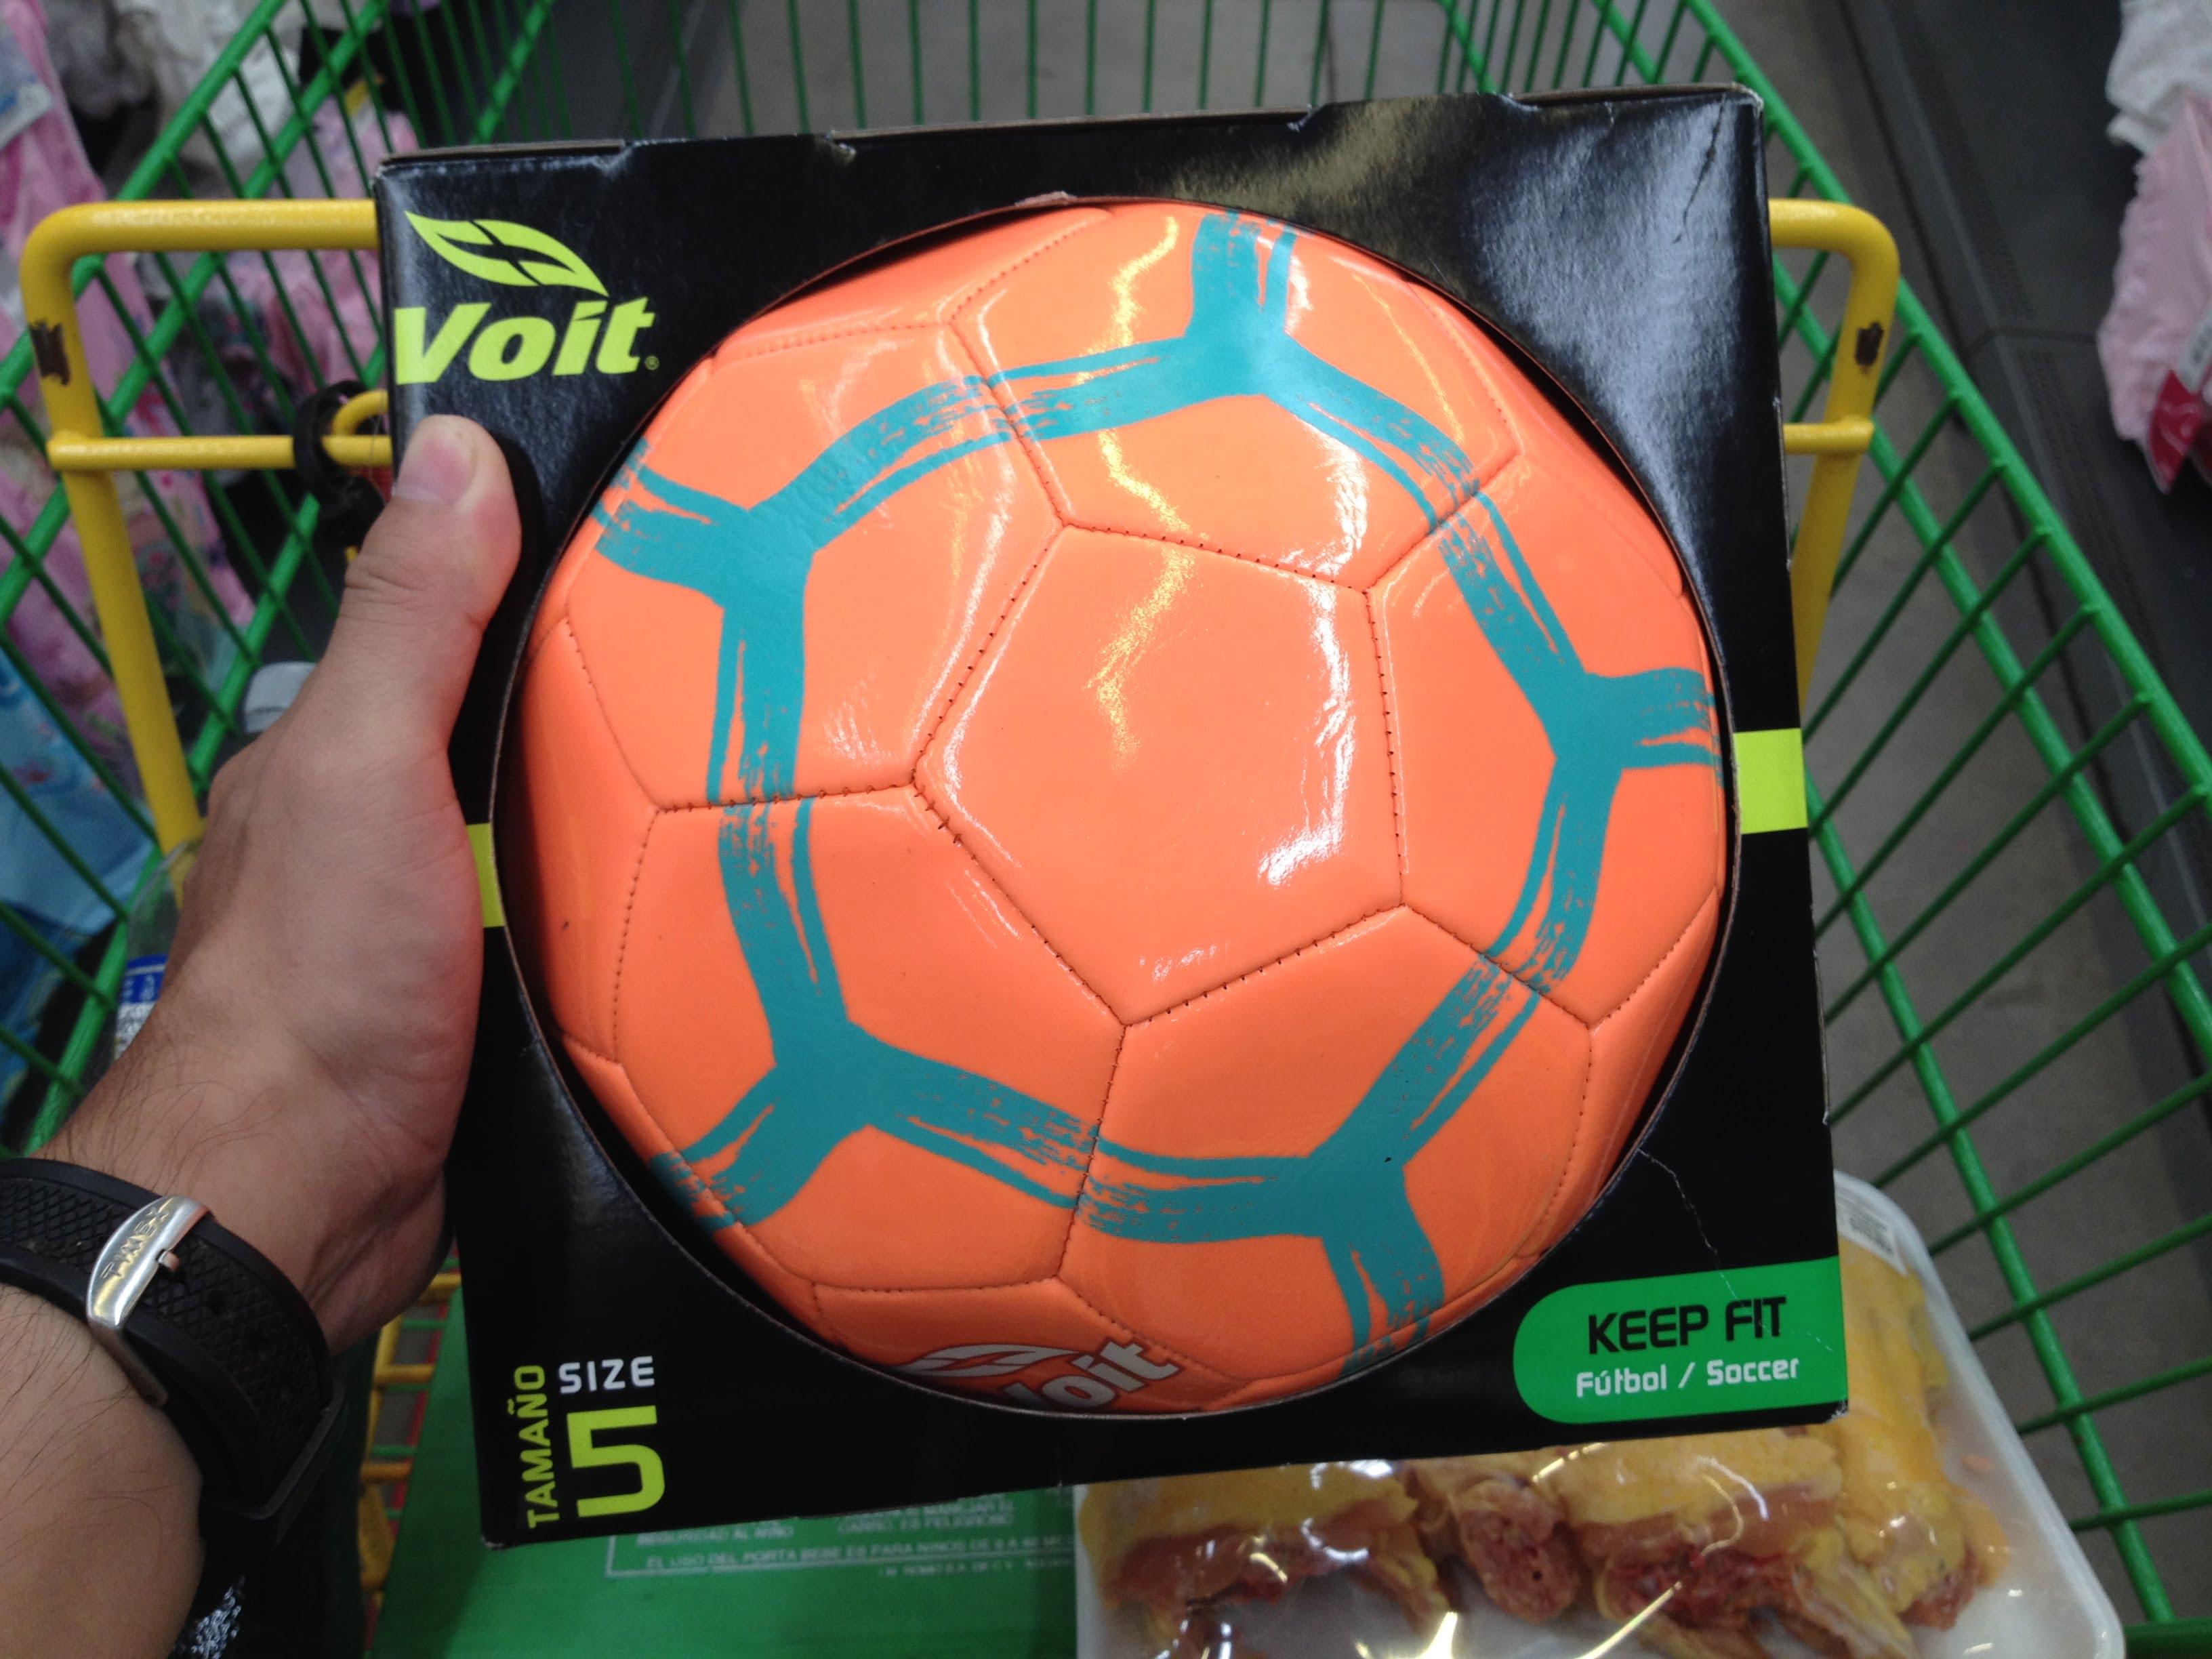 55.02 – Bodega Aurrerá – Balón de Futból Soccer del No. 5 con el 50% de  descuento… - LiquidaZona 2bbf5d1b72f18